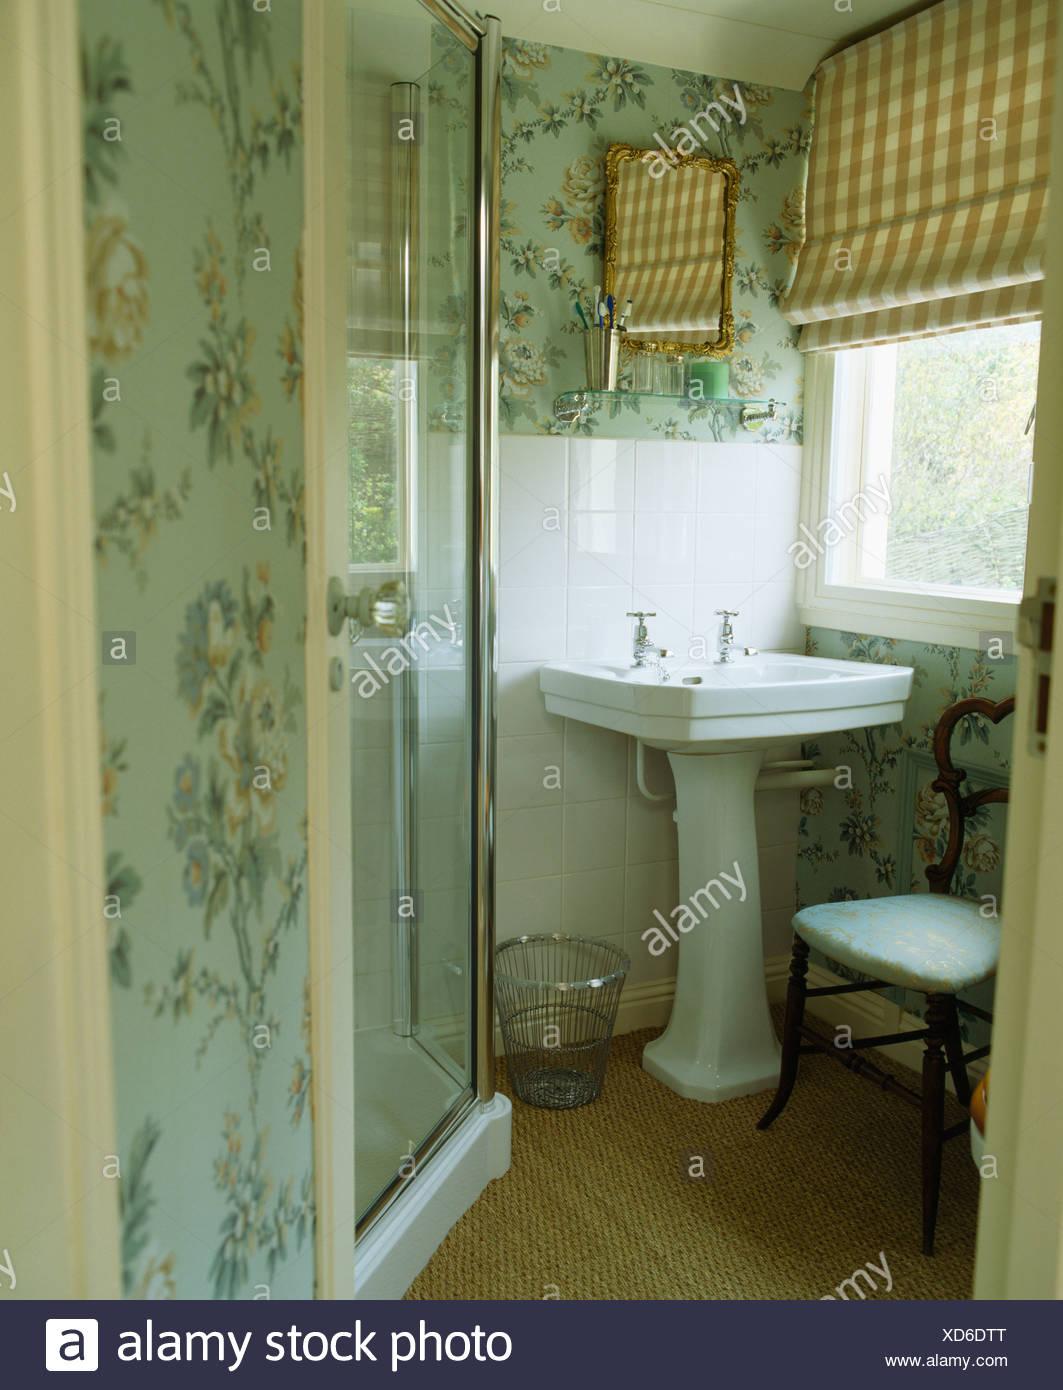 Papier Salle De Bain bleu pastel, papier peint à motifs dans la petite salle de